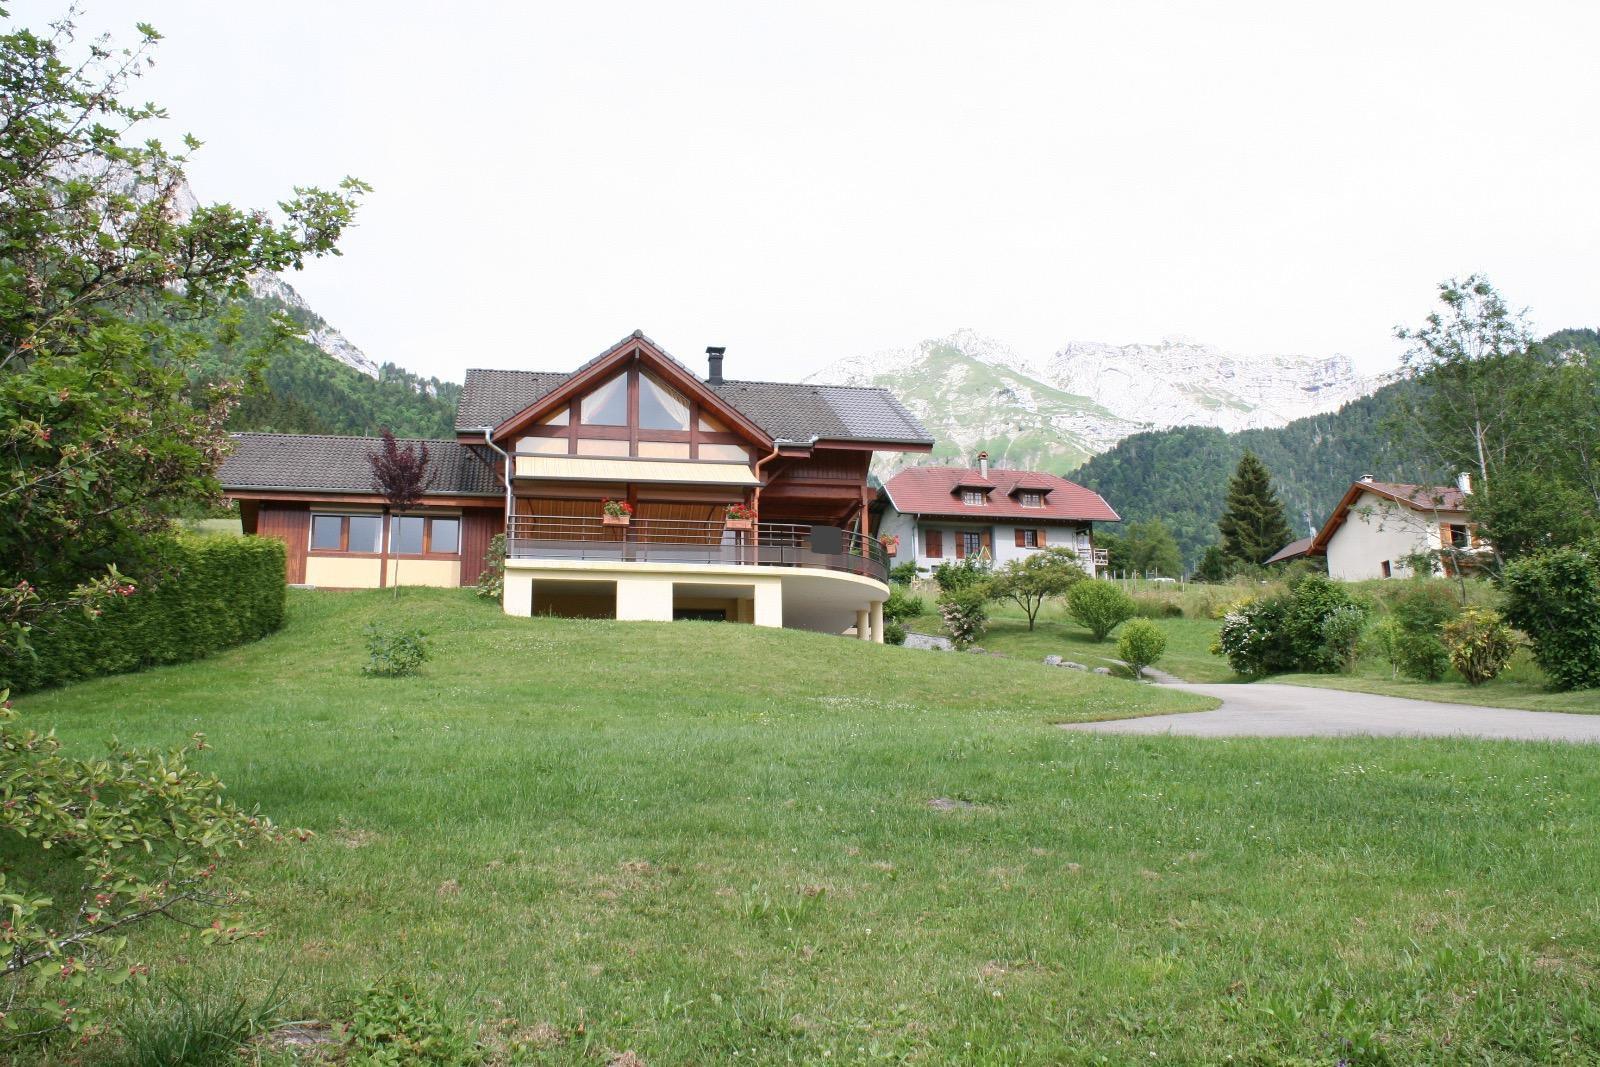 6182 - Maison ossature bois